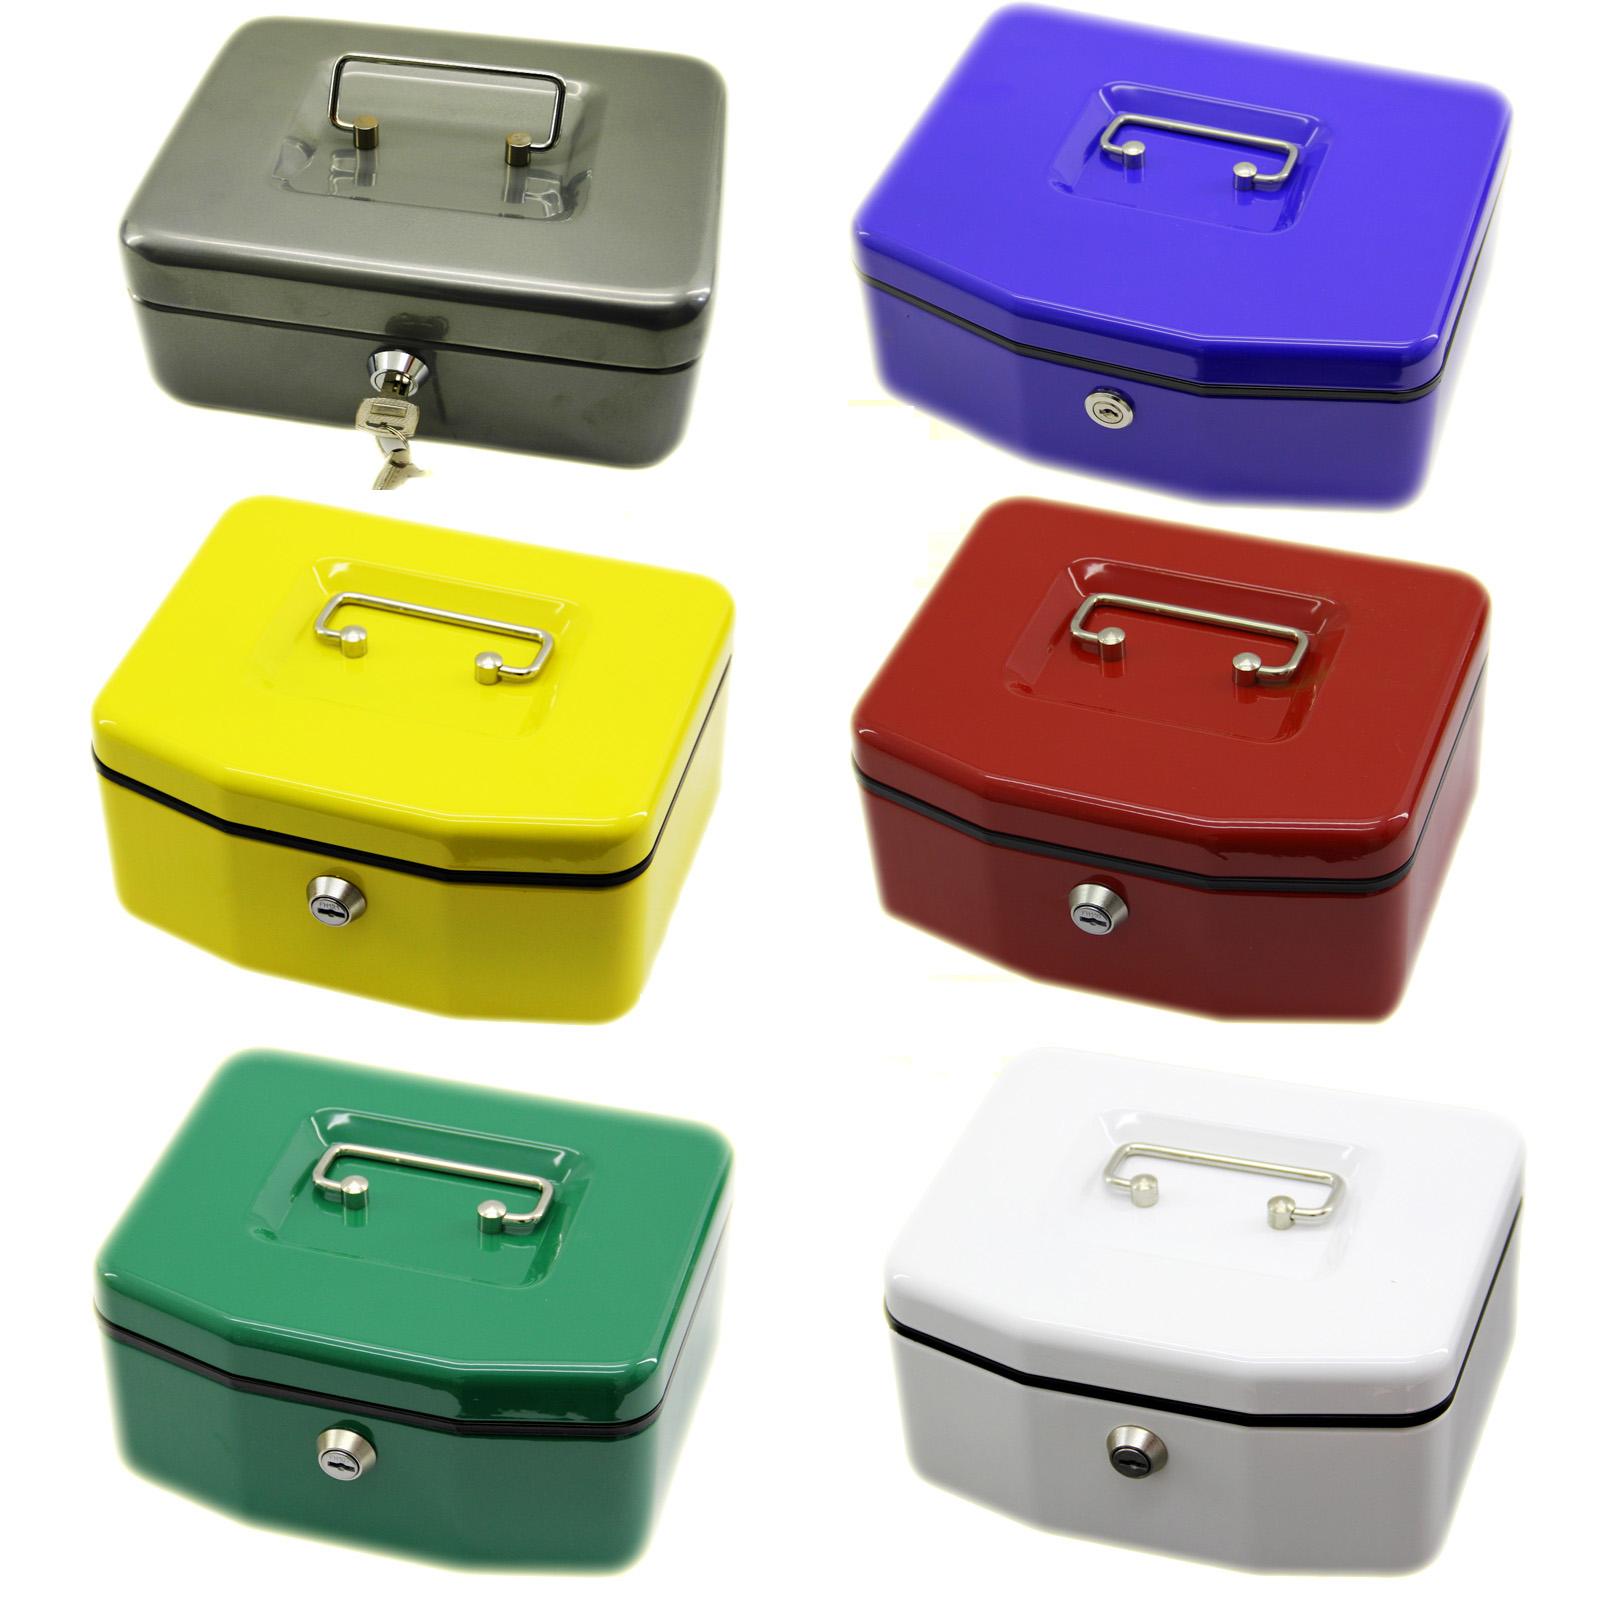 Geldkassette Geld Kasse Münzenkassette Transportkassette Geldbox Münzfächer